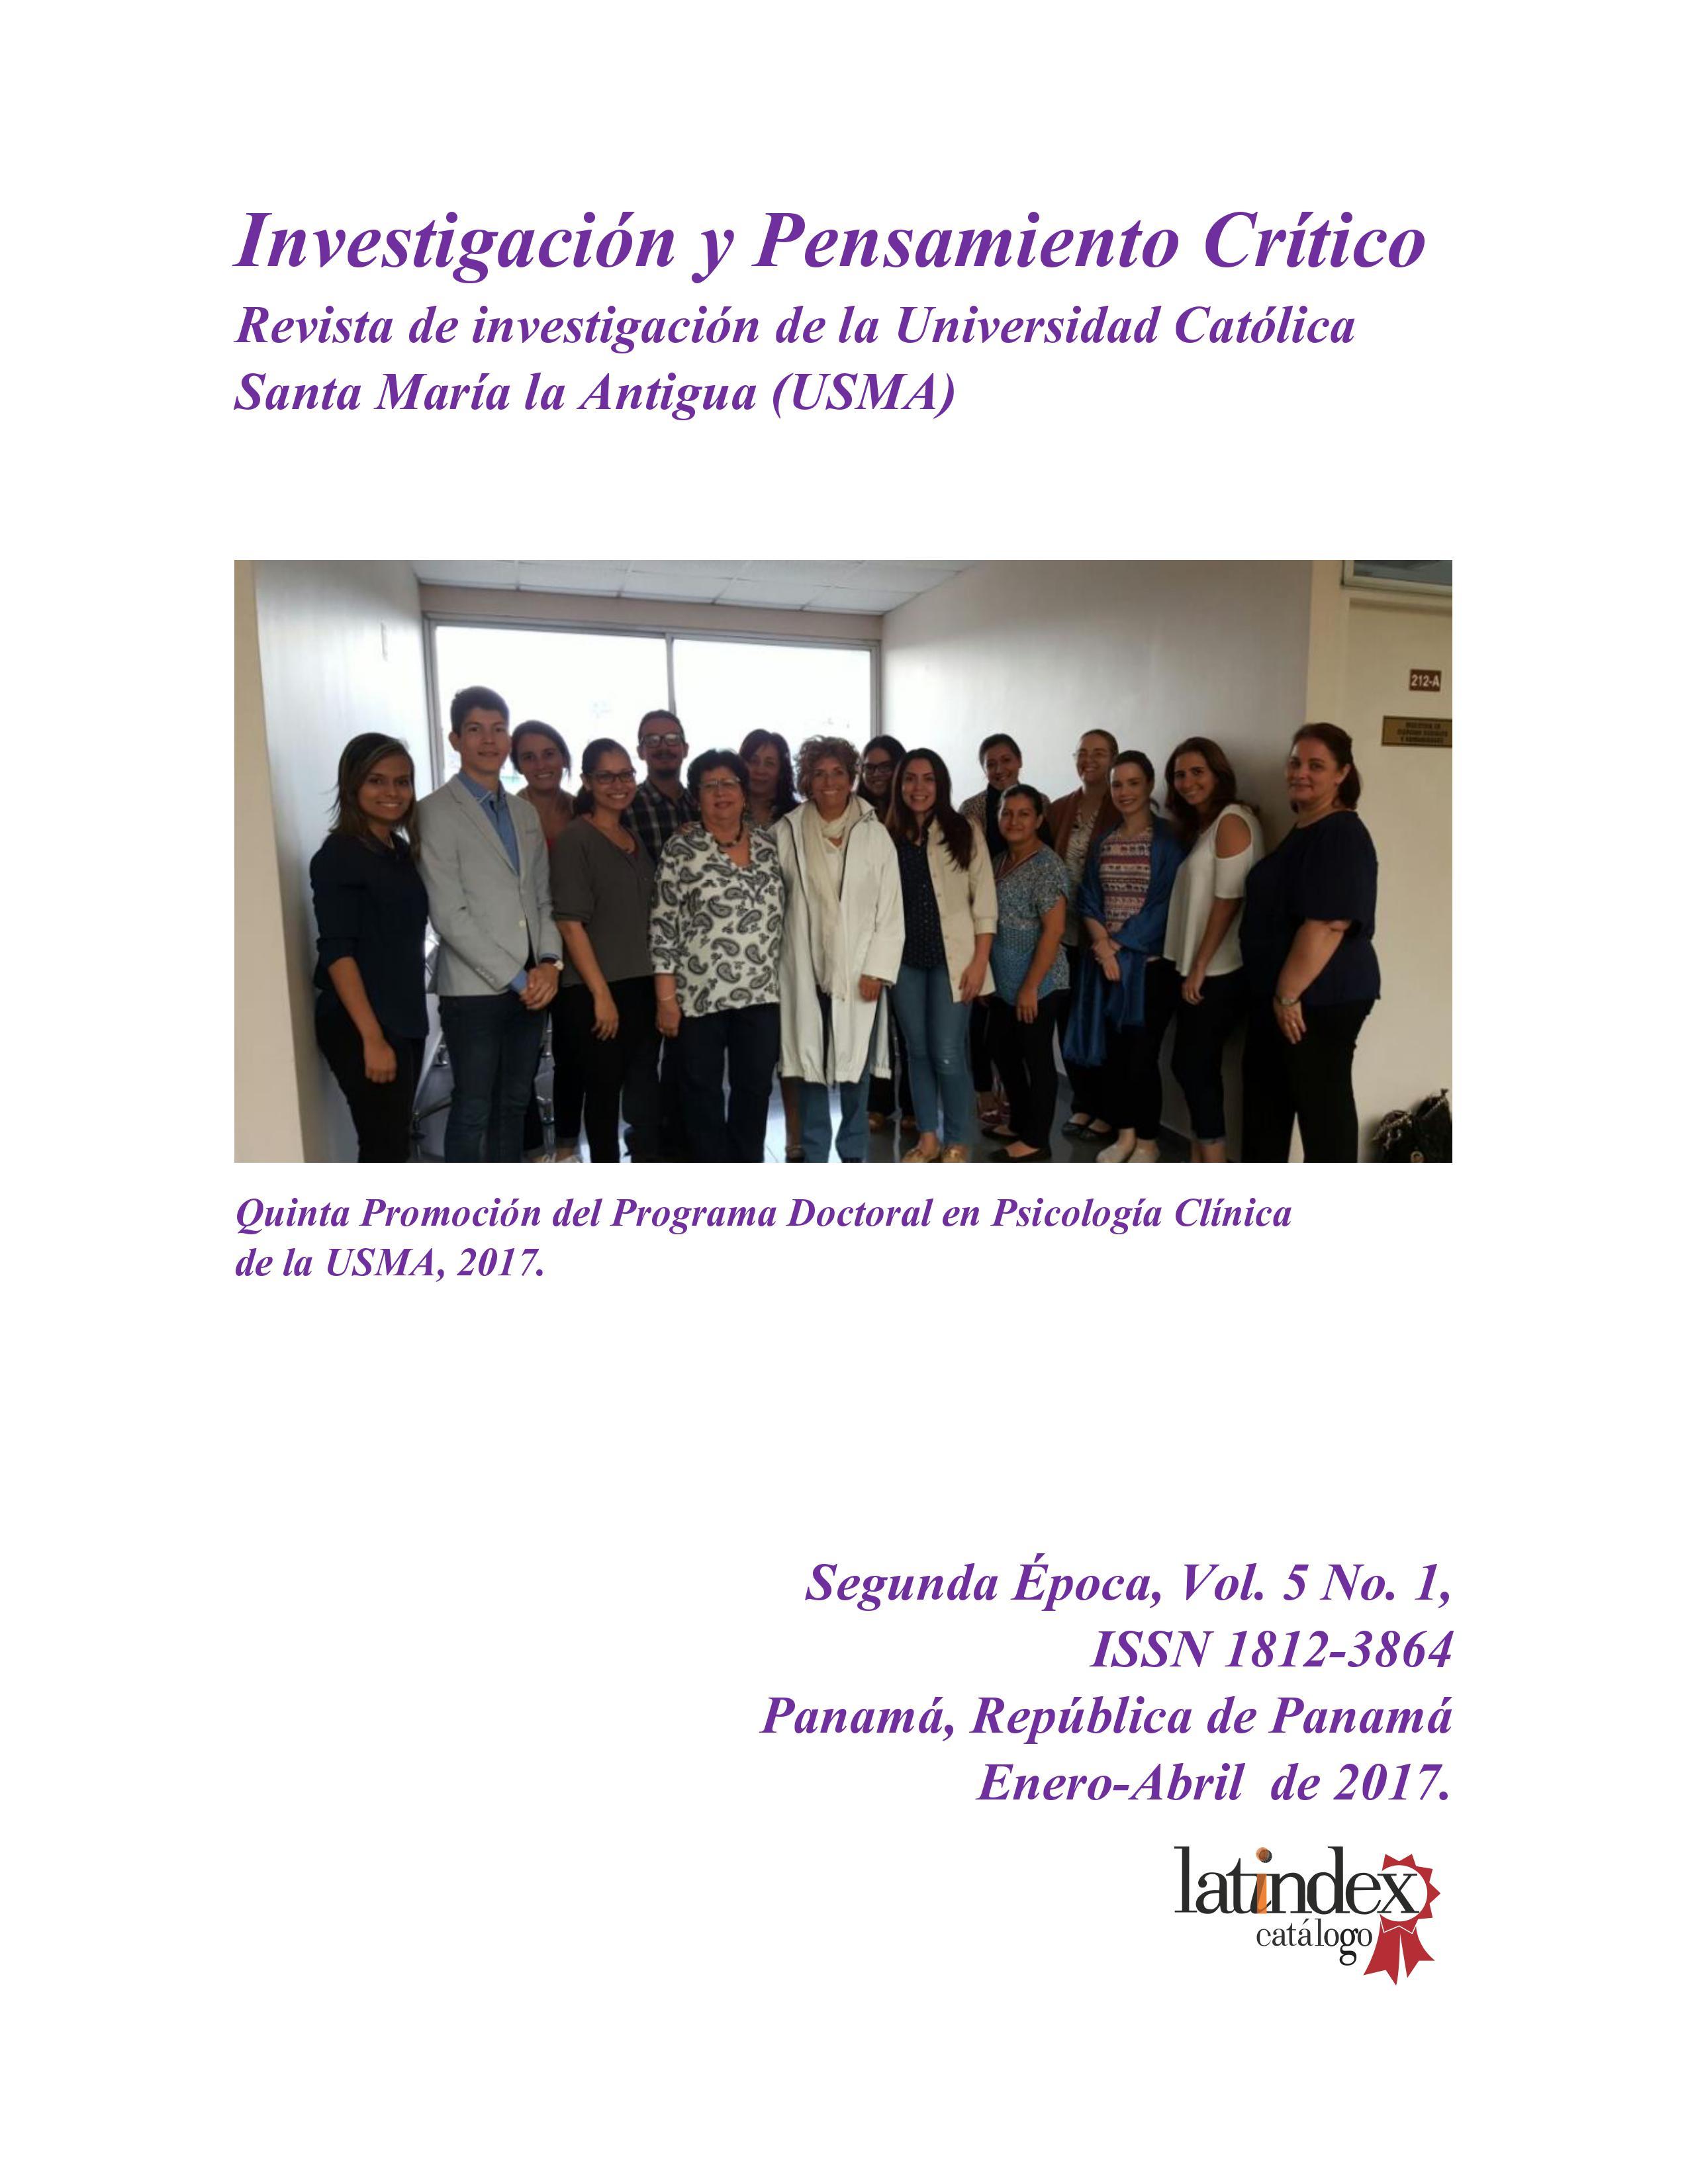 Imagen revista IPC, volumen 5, número 1, año 2017